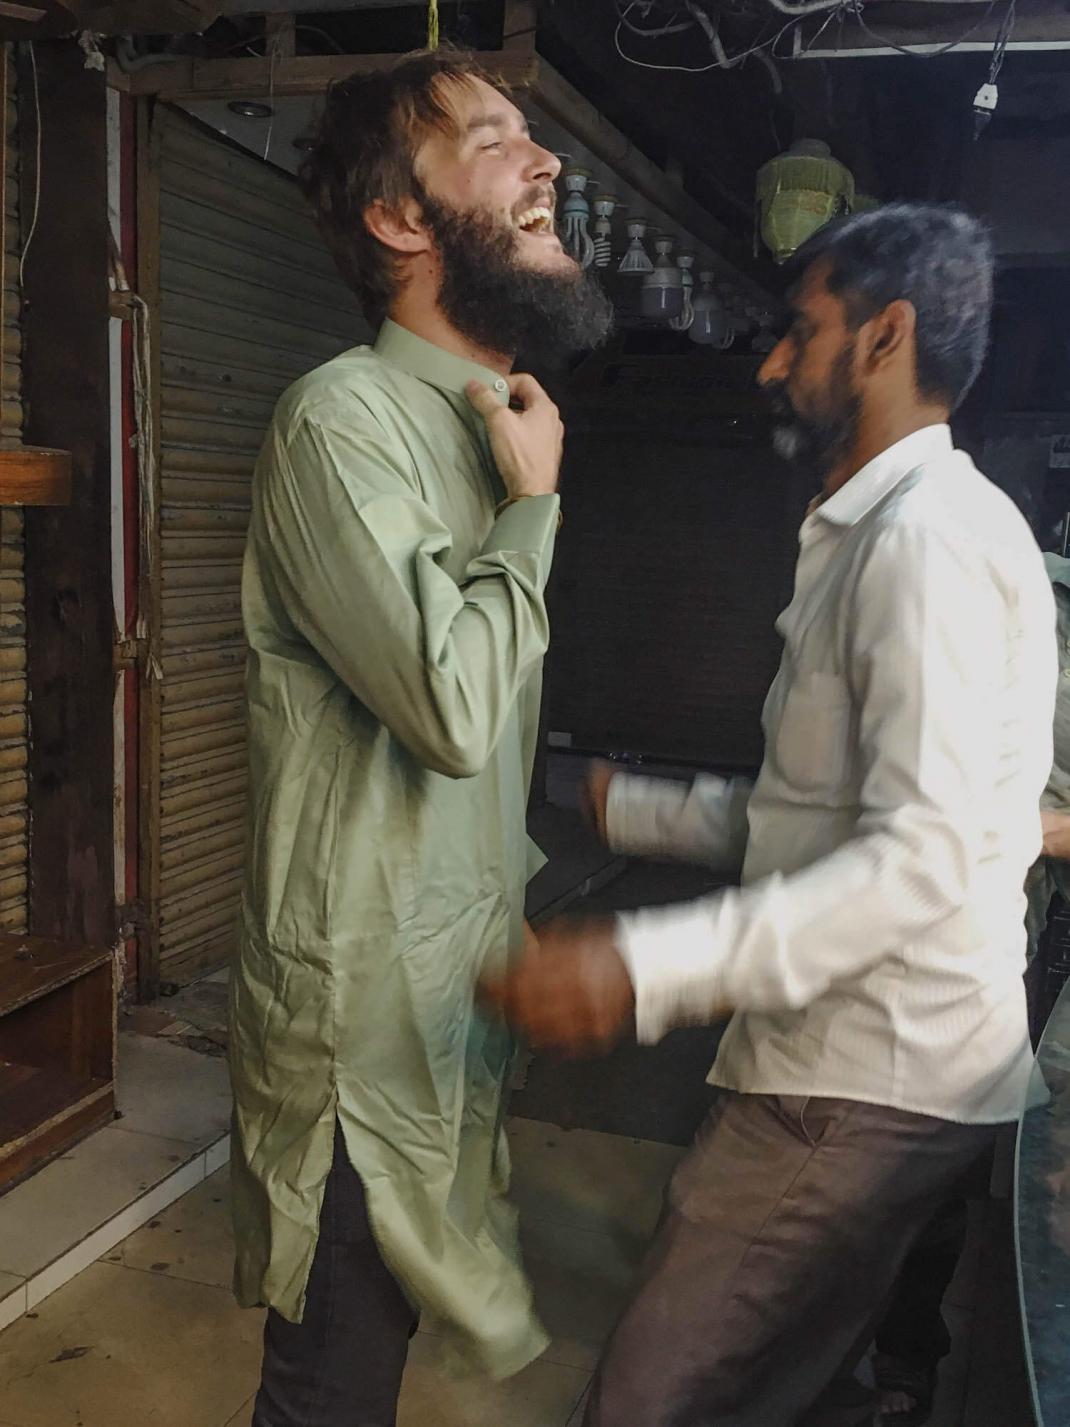 Clemens im Shalwar Kamiz, der traditionellen Kleidung der Pakistaner.